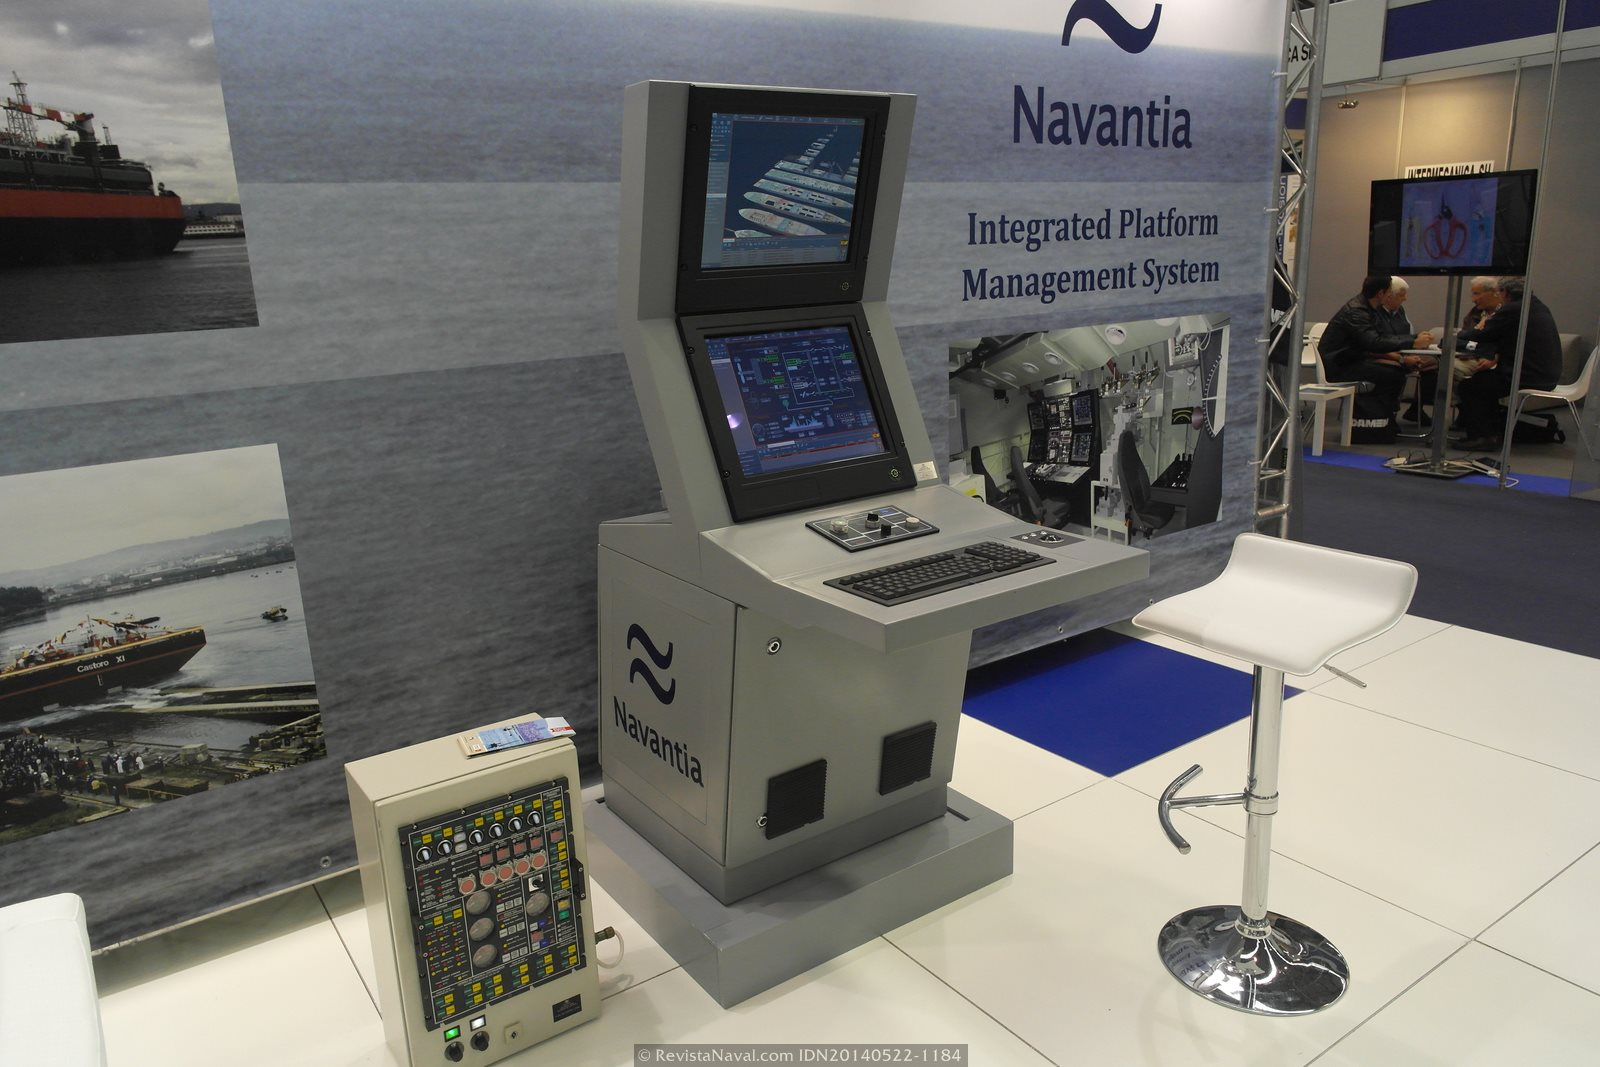 Consola del sistema integrado de control de plataforma (IPMS) de Navantia (Foto: Revista Naval)